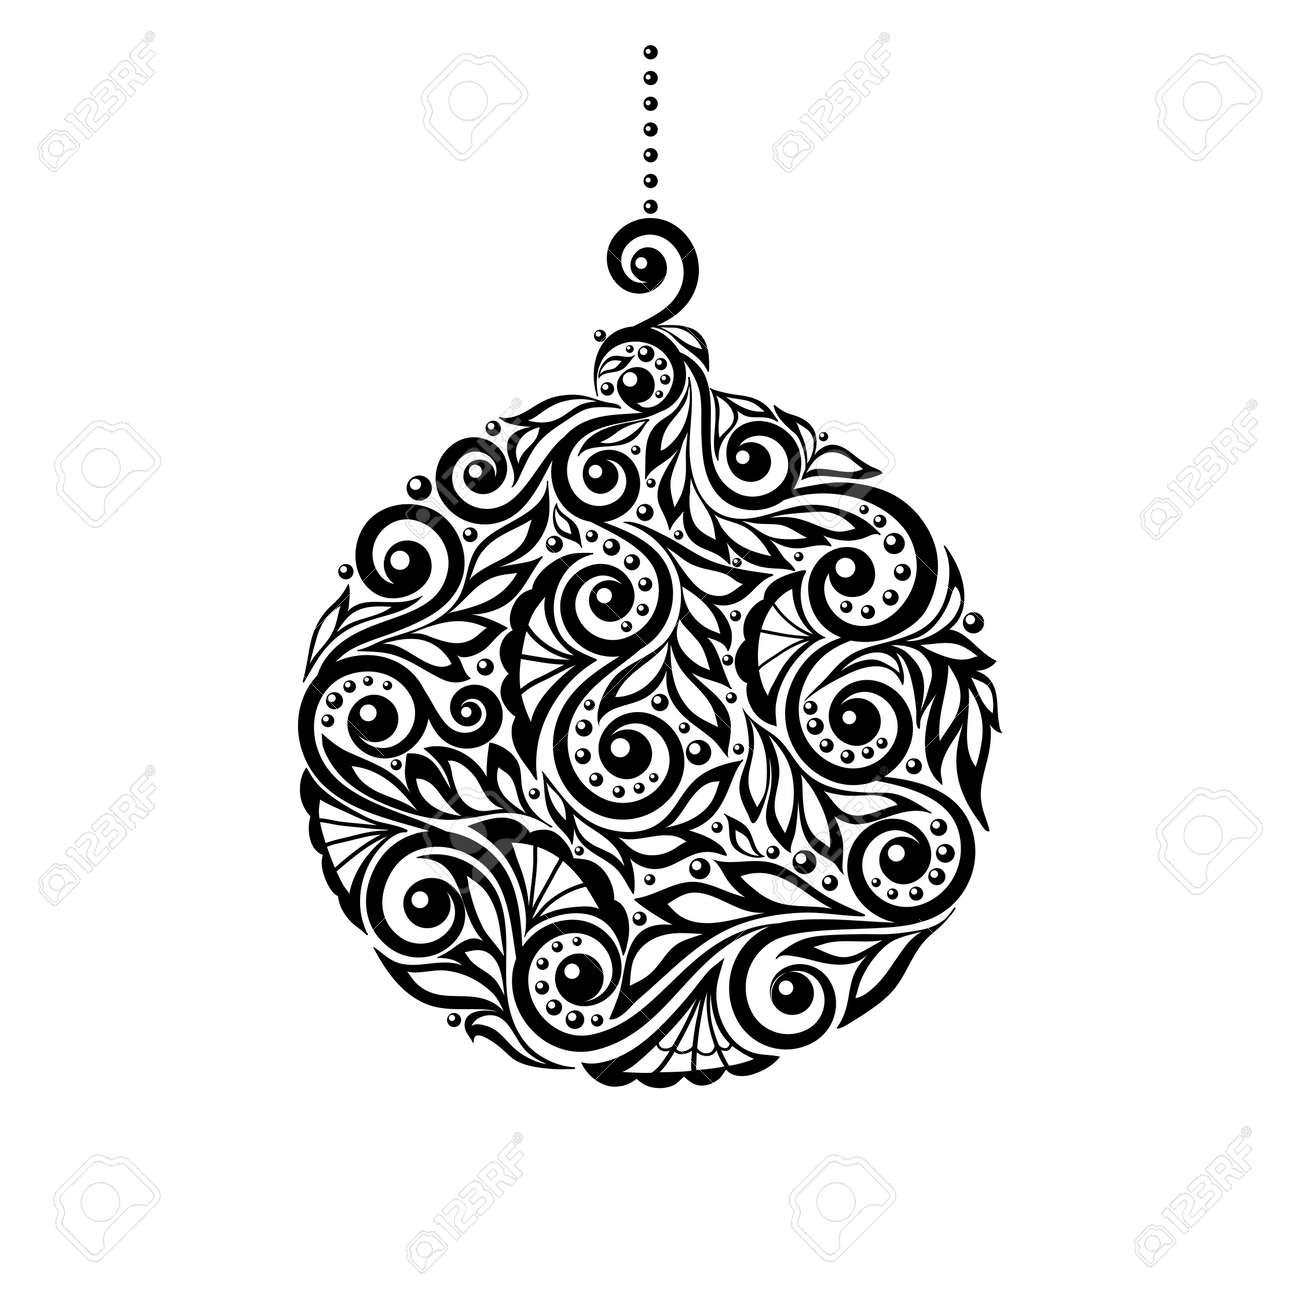 Audacieuse Noir Et Blanc Boule De Noël Avec Un Motif Floral. De Nombreuses GA-76